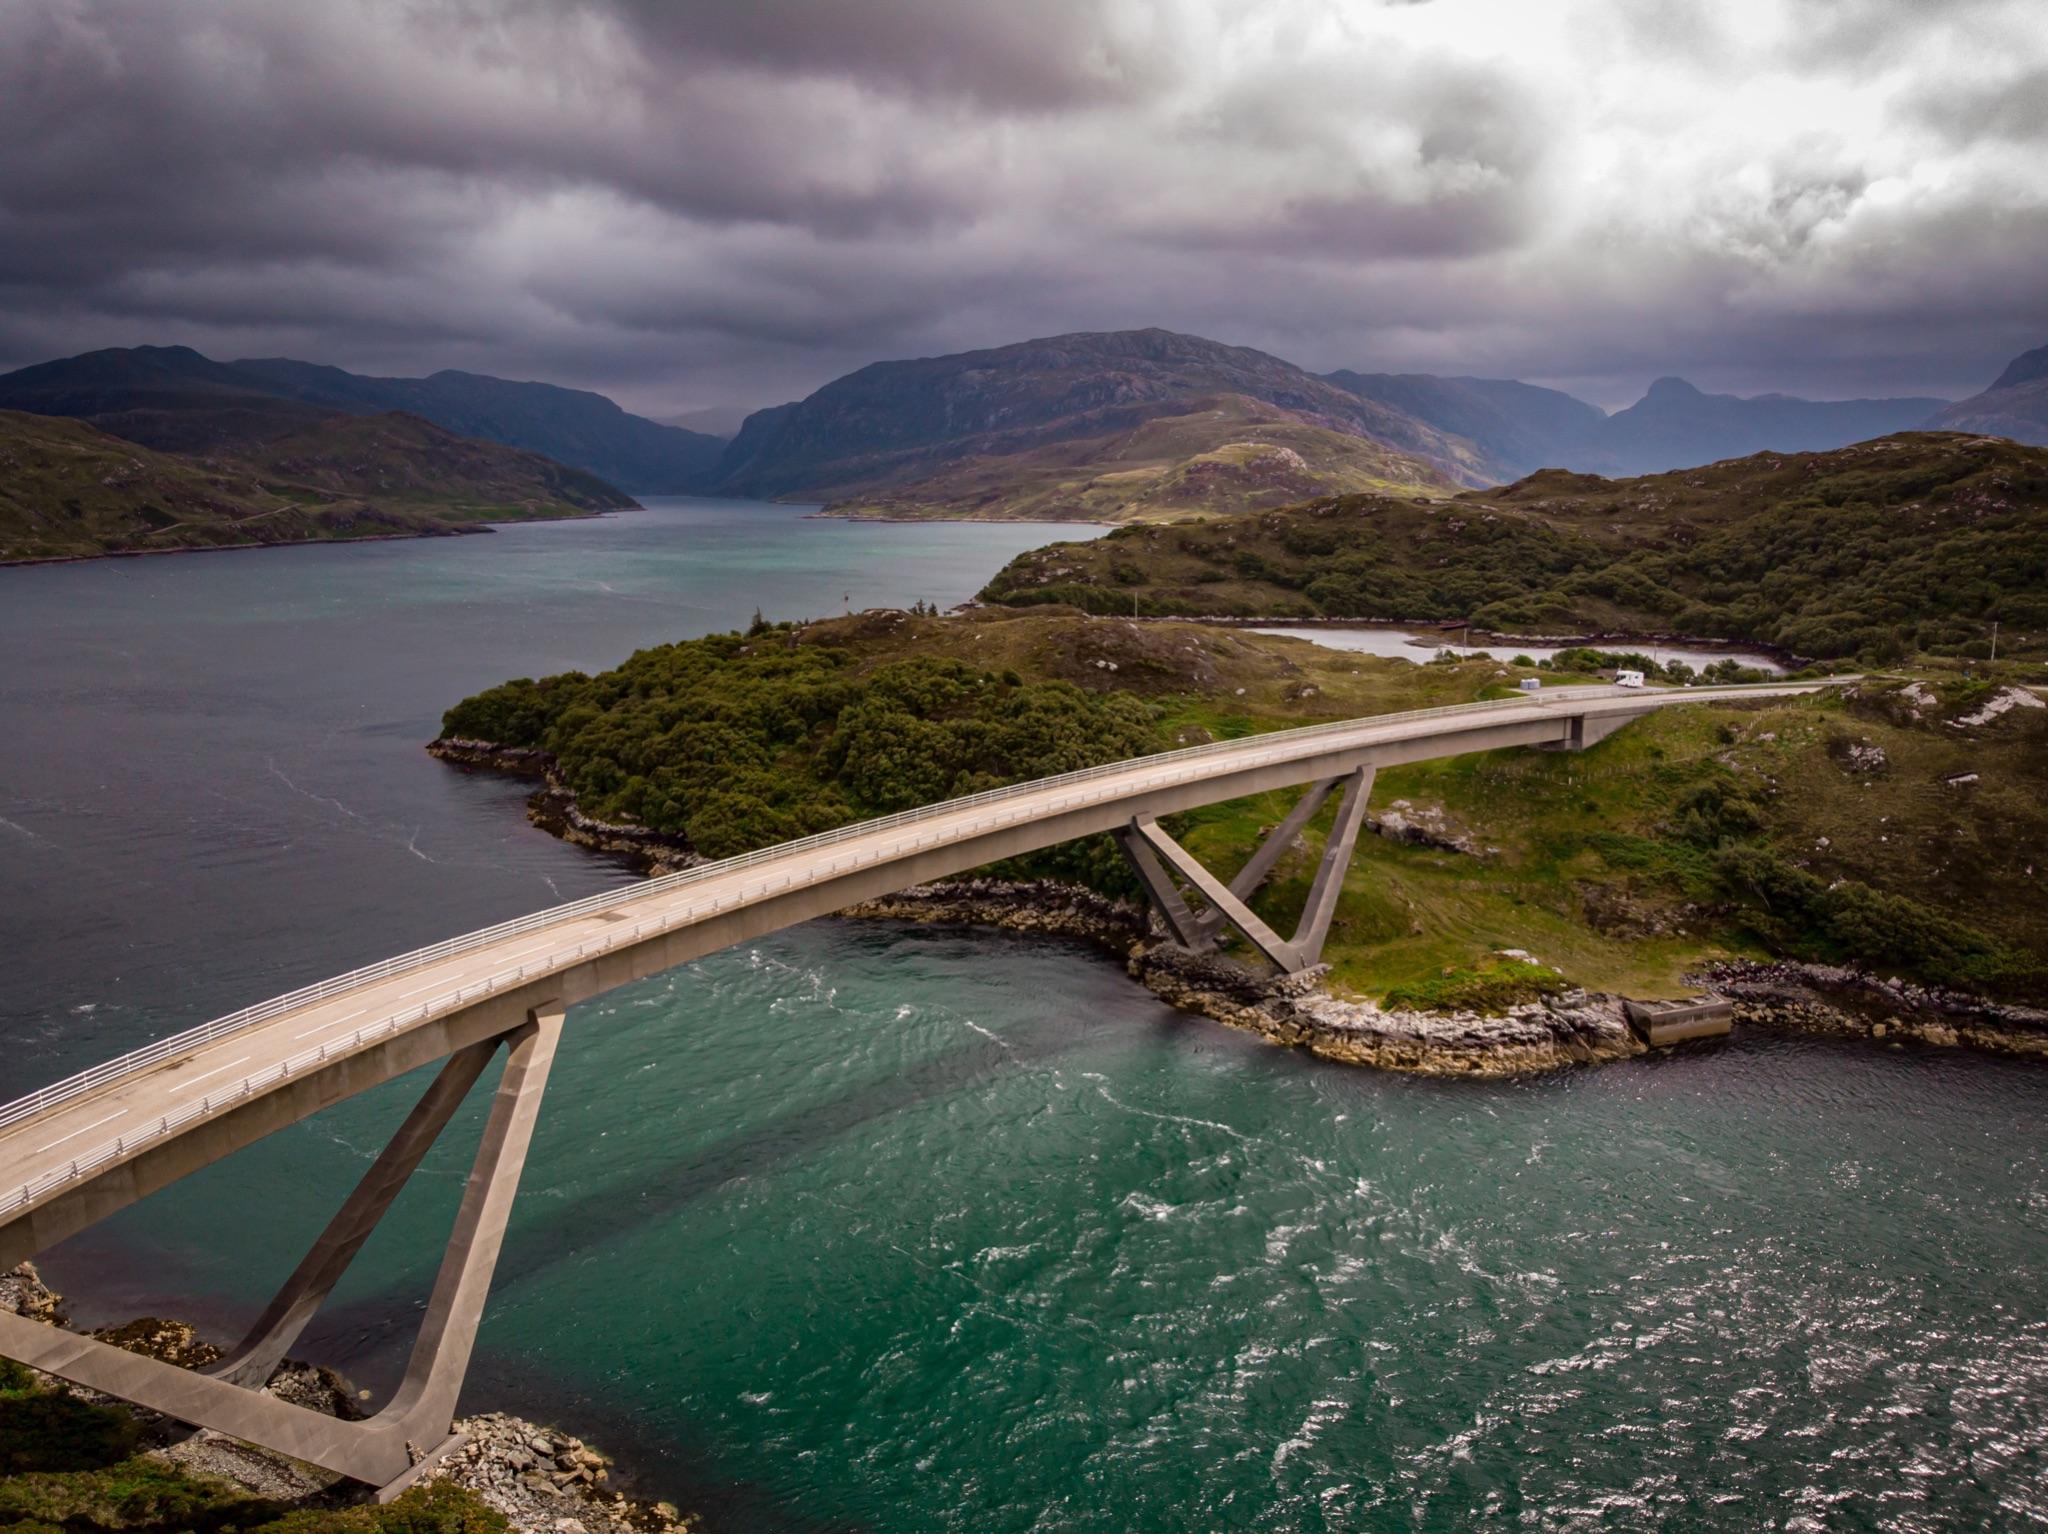 Famous bridge on the NC500 route